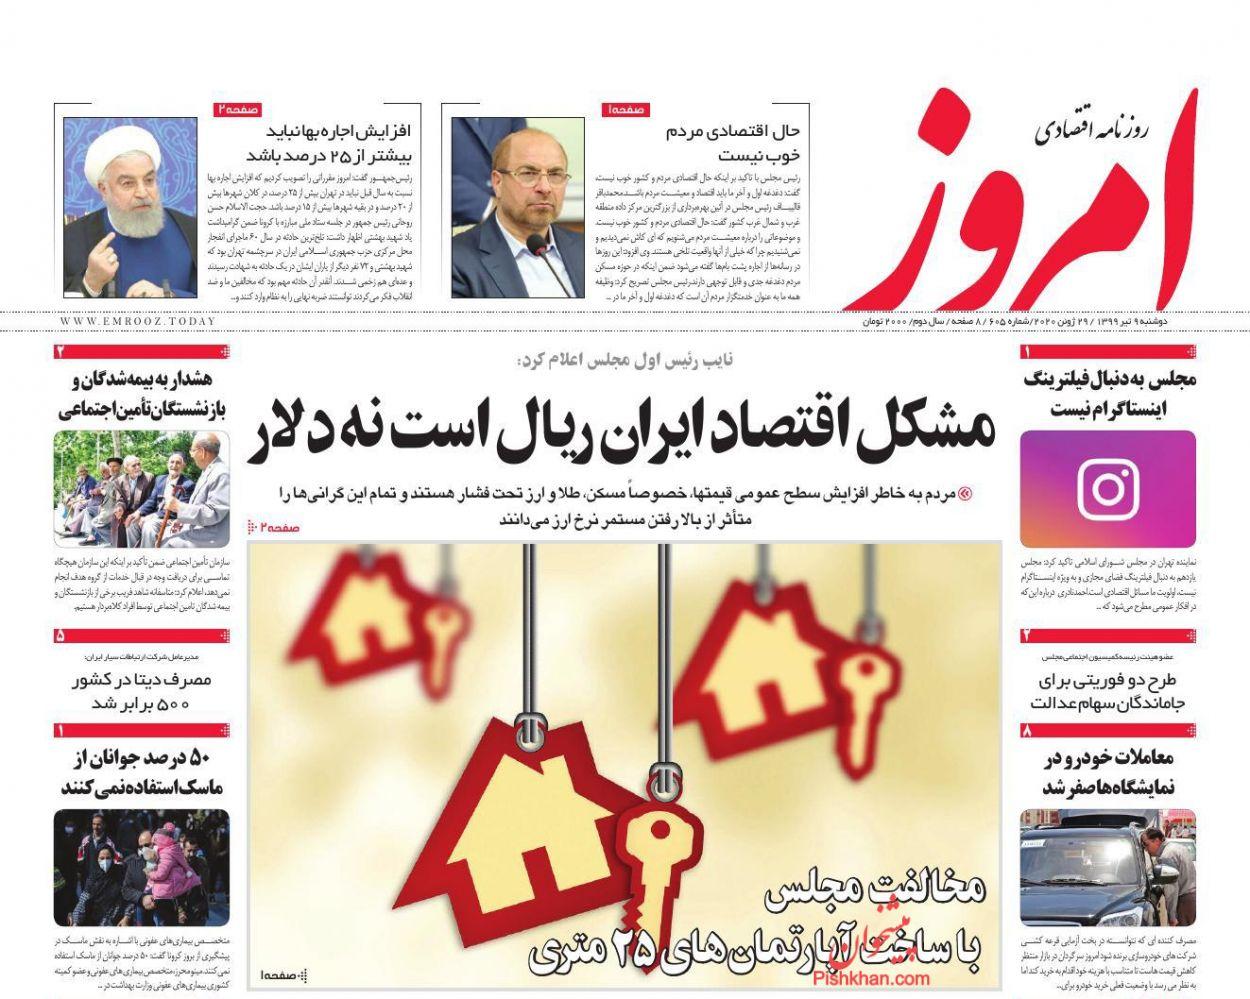 عناوین اخبار روزنامه امروز در روز دوشنبه ۹ تیر